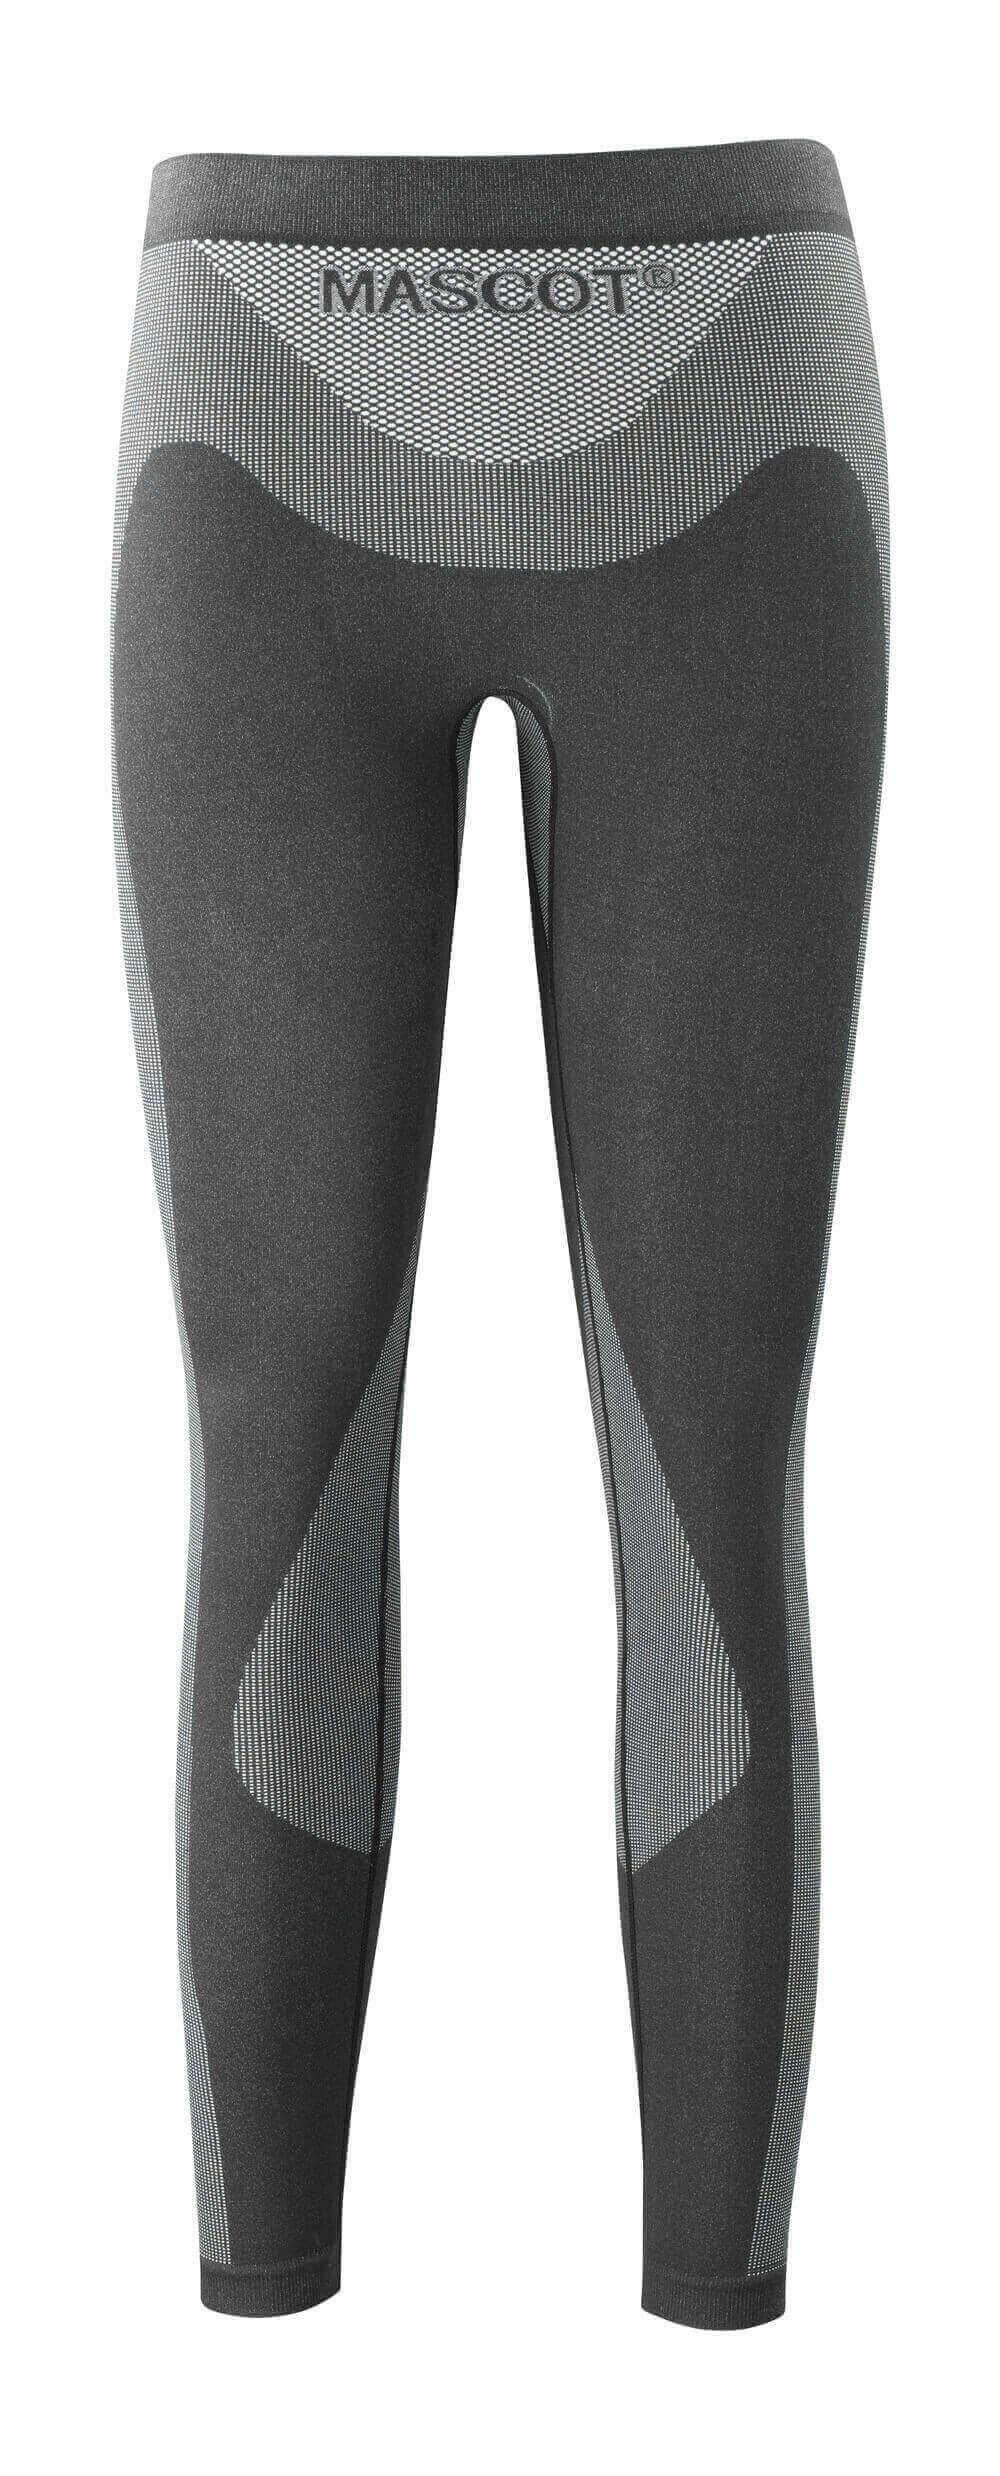 50564-936-09 Functional Under Pants - black